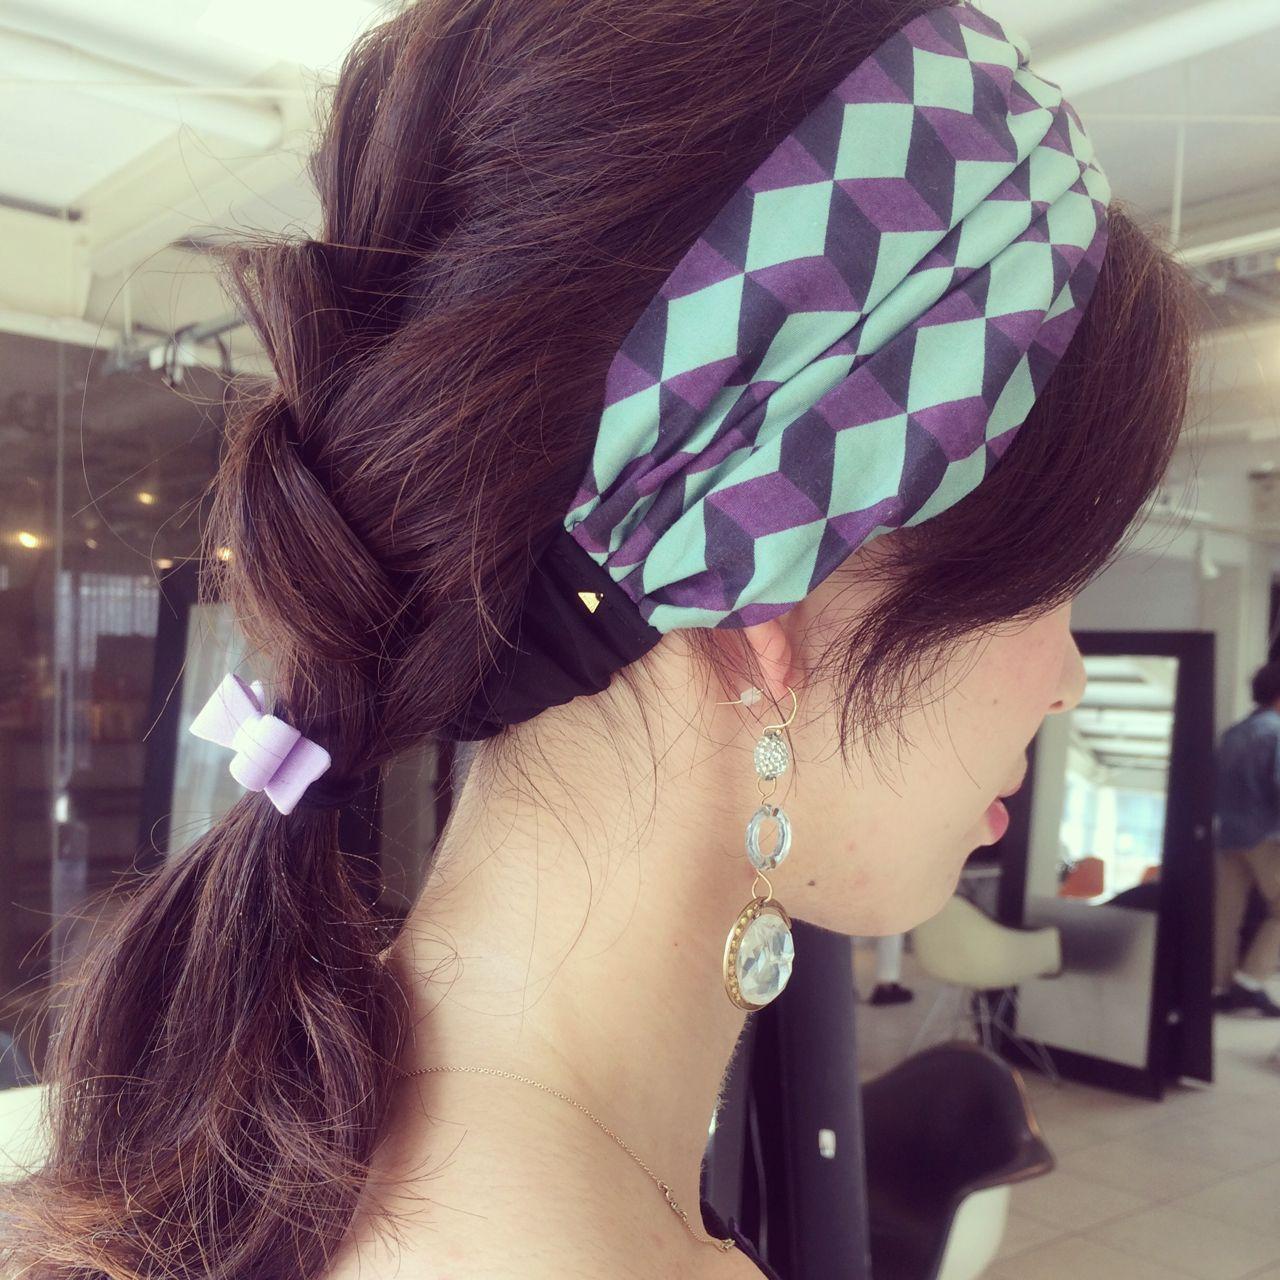 ヘアアレンジ ヘアアクセ 編み込み 簡単 ヘアスタイルや髪型の写真・画像